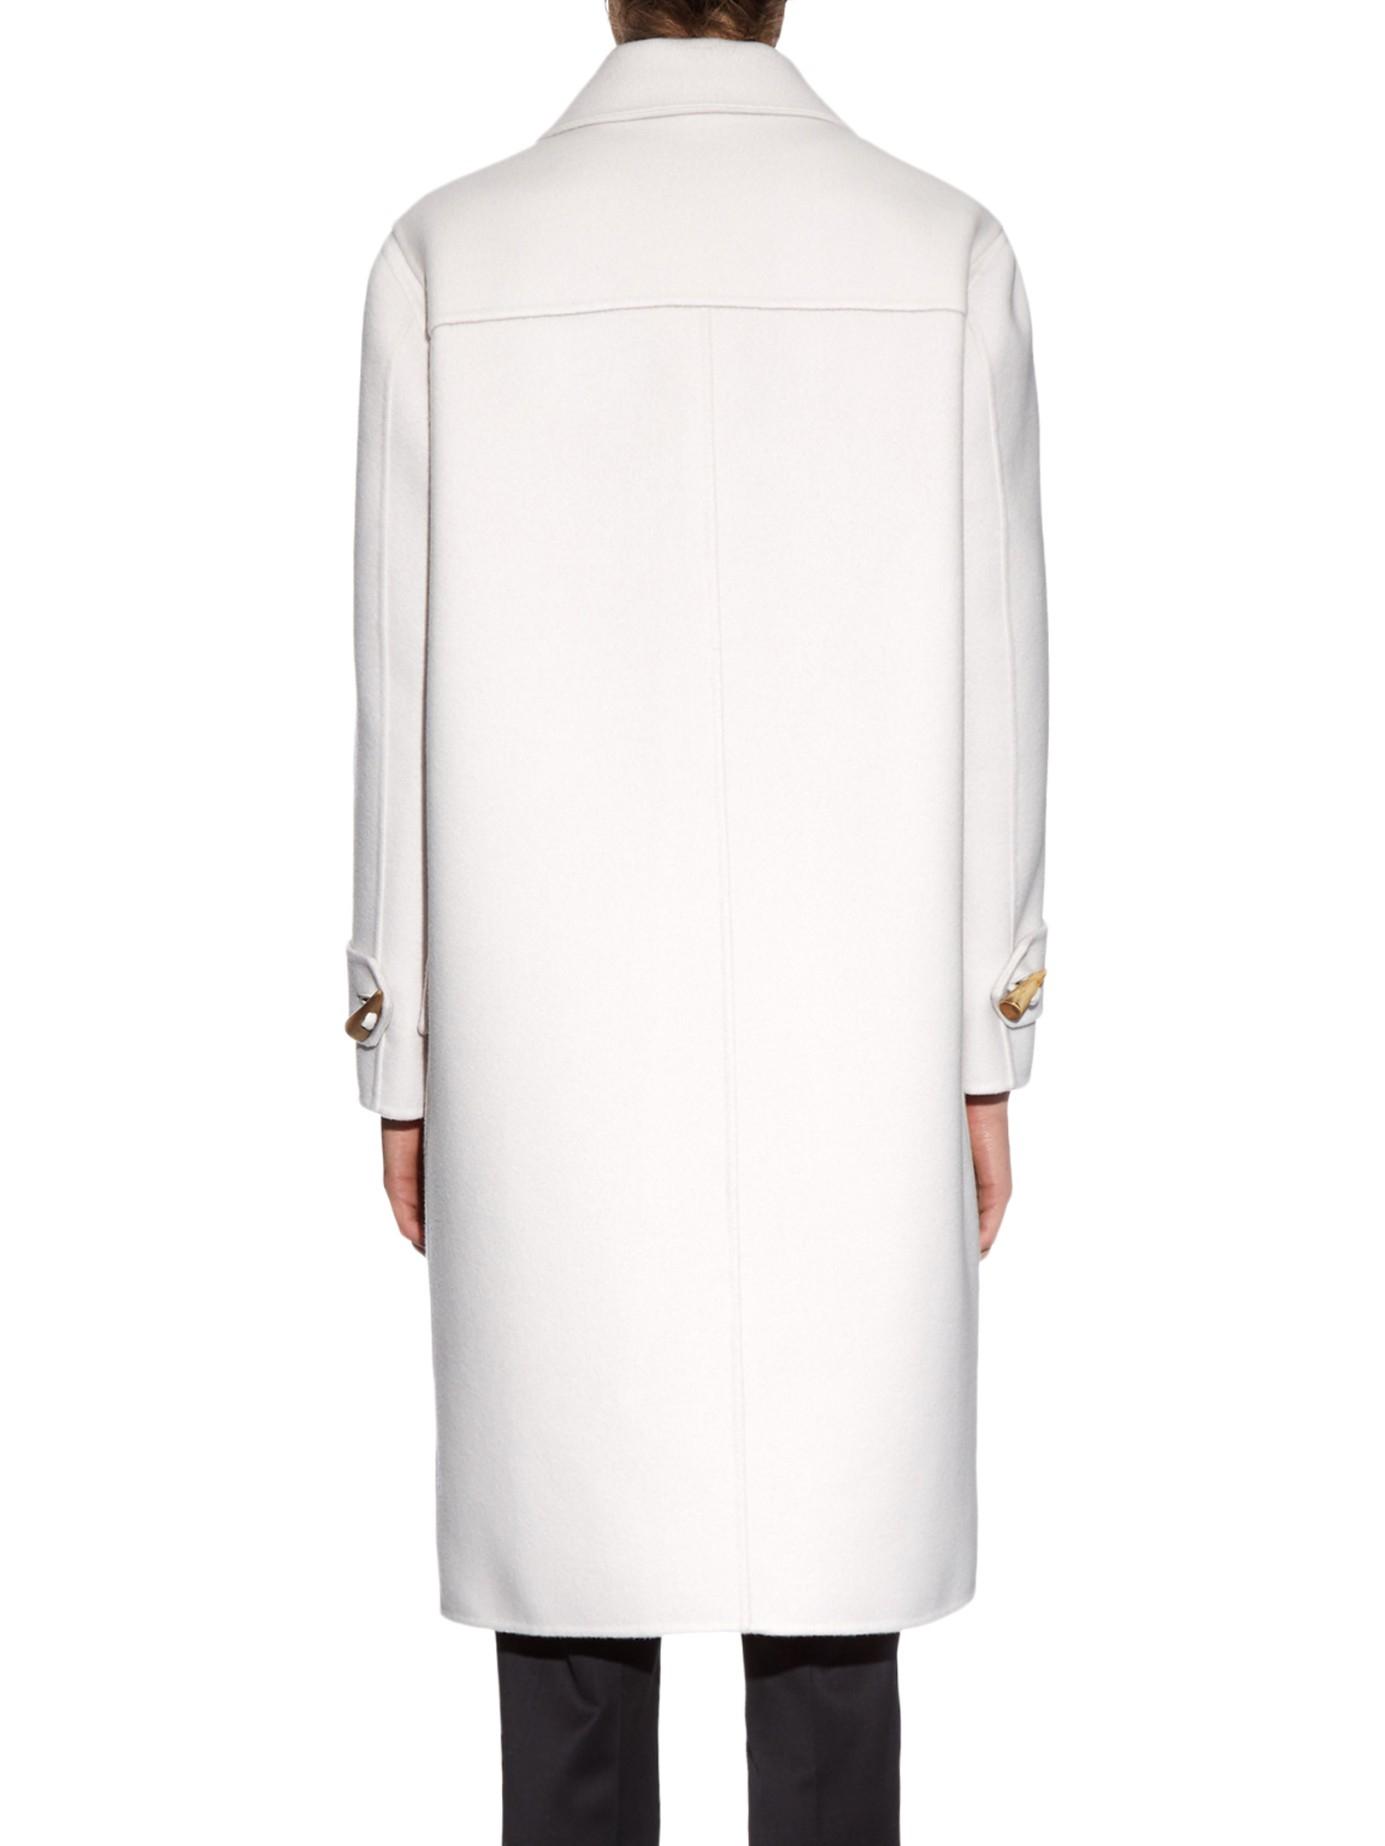 Bottega veneta Double-faced Cashmere Duffle Coat in White | Lyst